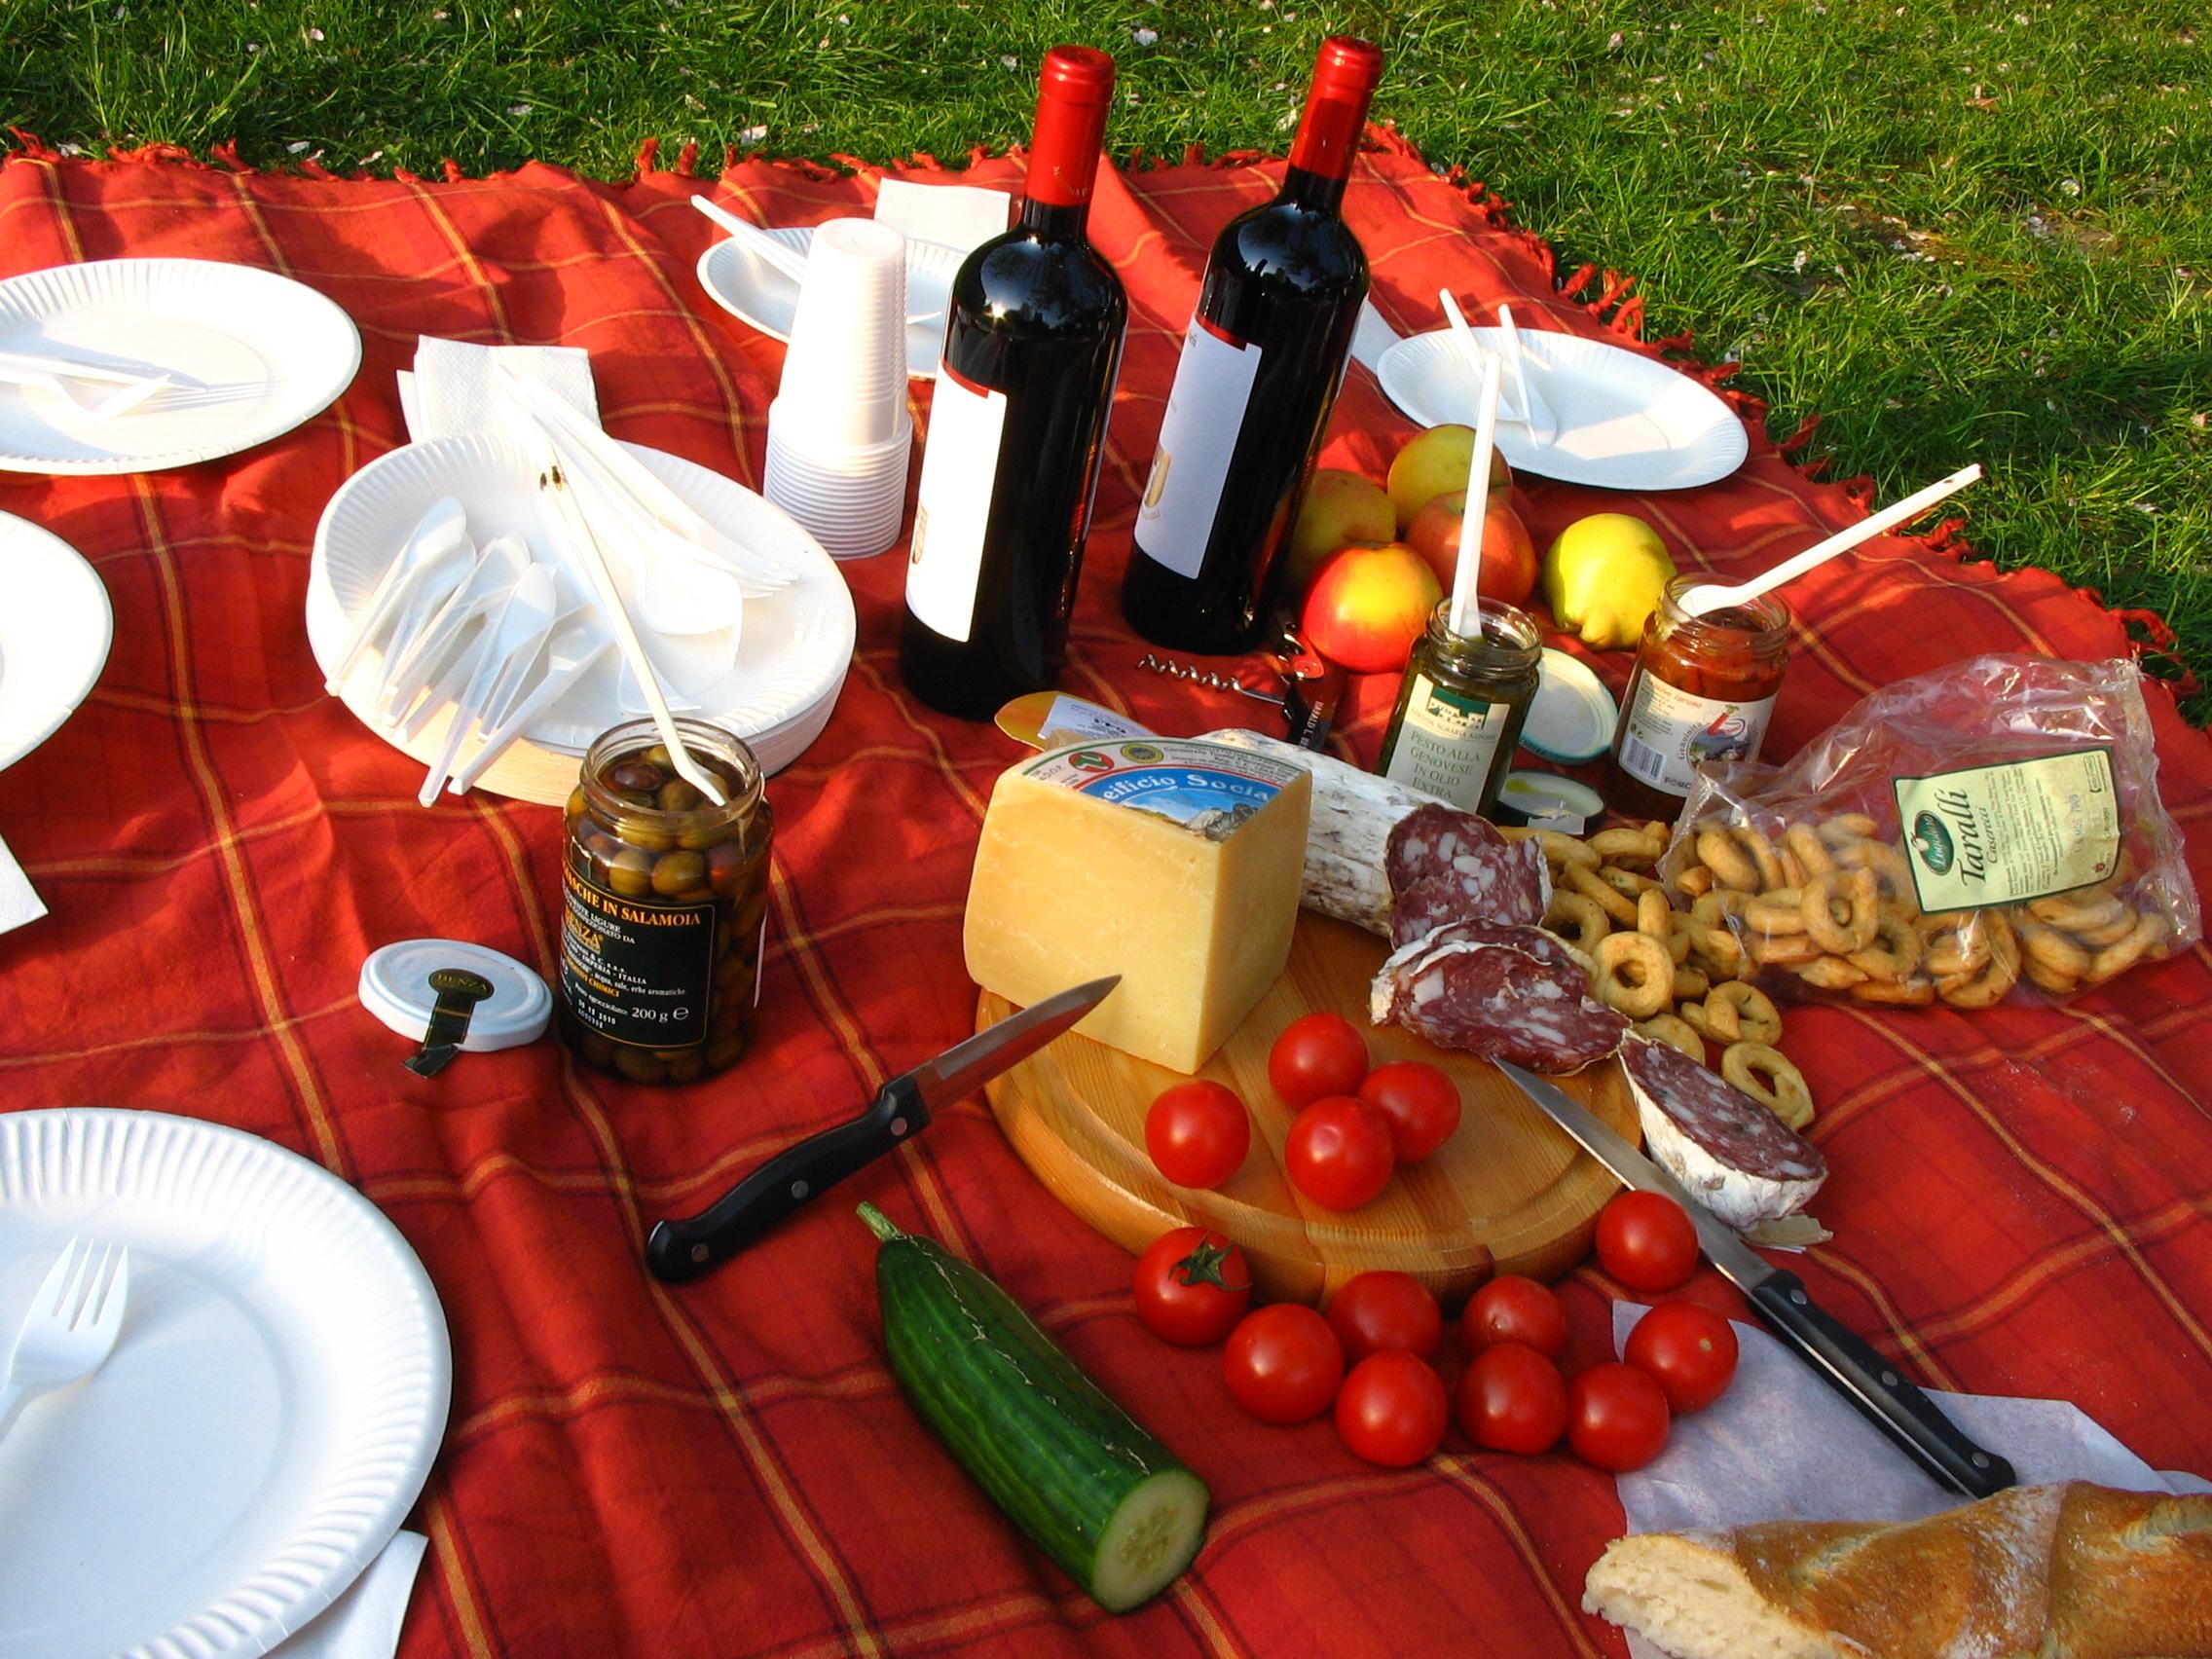 Kanutour Picknick